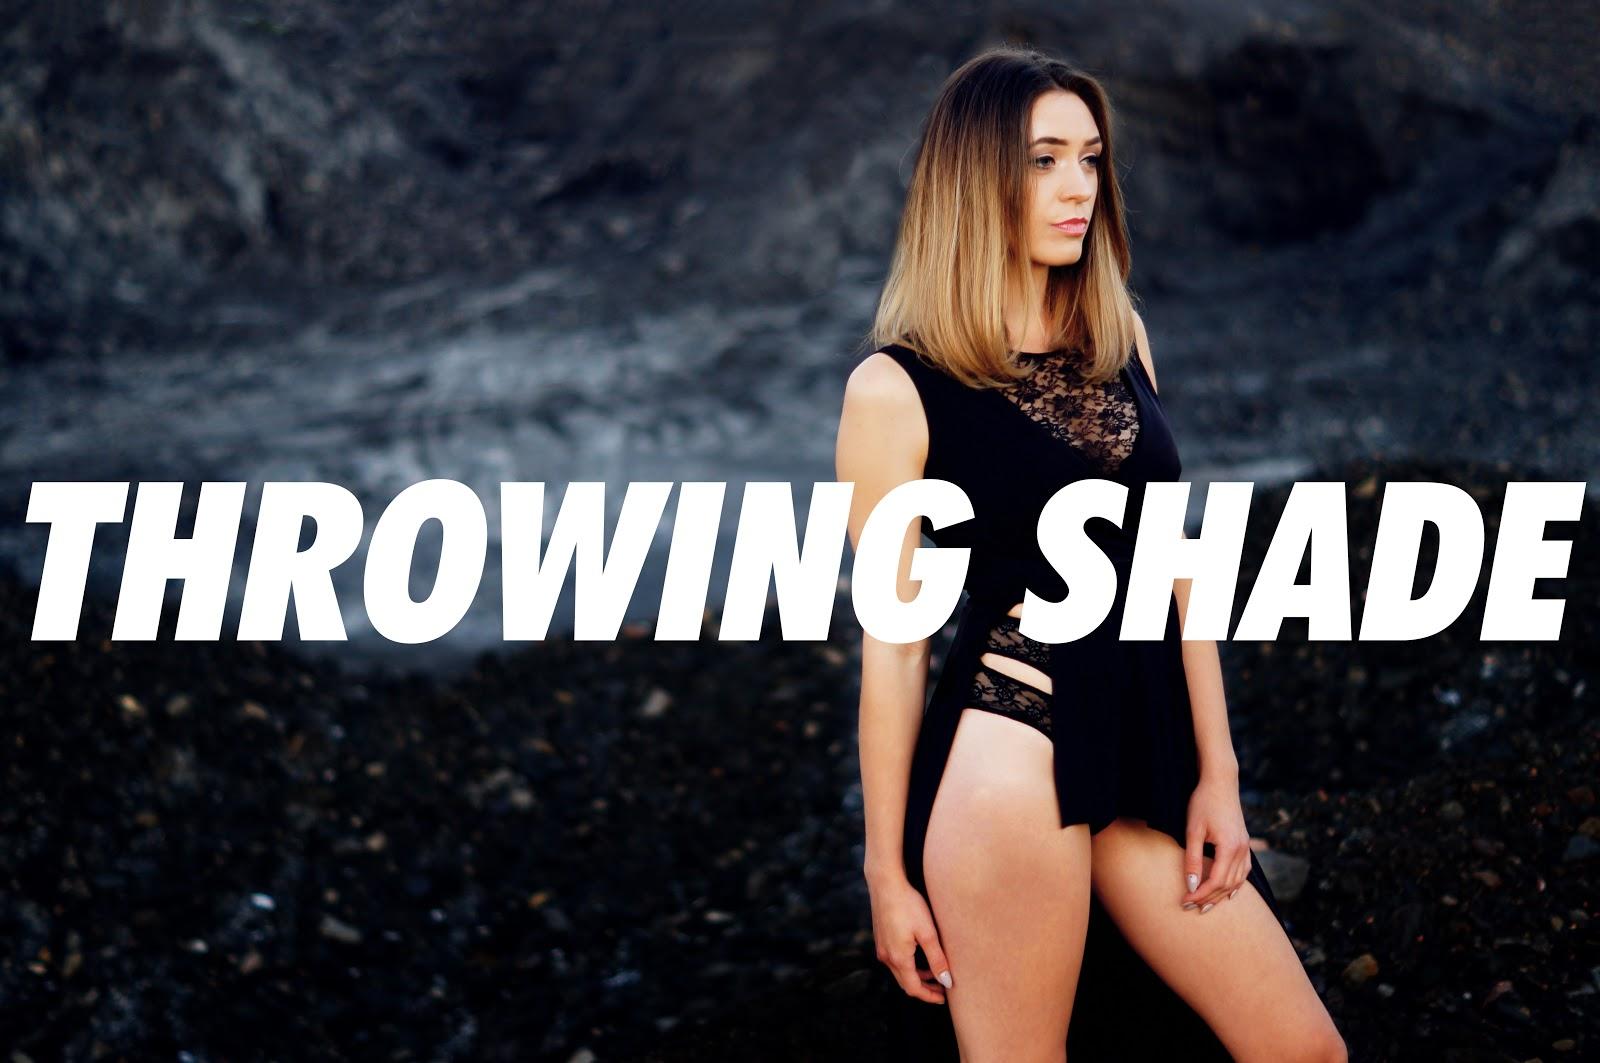 THROWING SHADE [ZDJĘCIA]